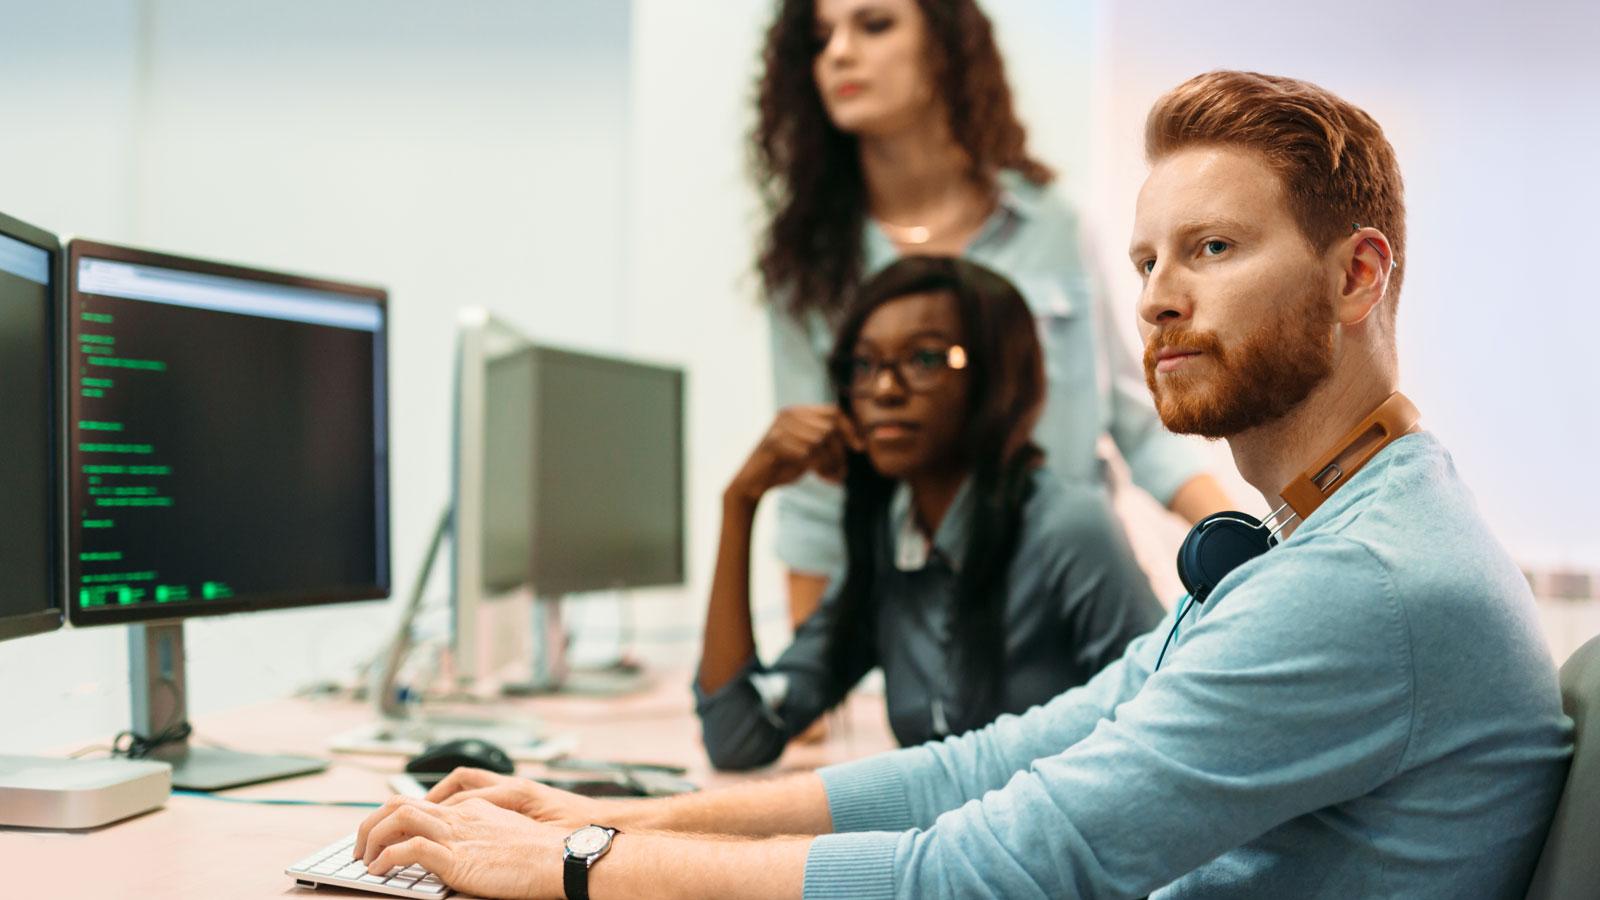 Co programują programiści? Technologia mediarun kodowanie programowanie team programista 2020